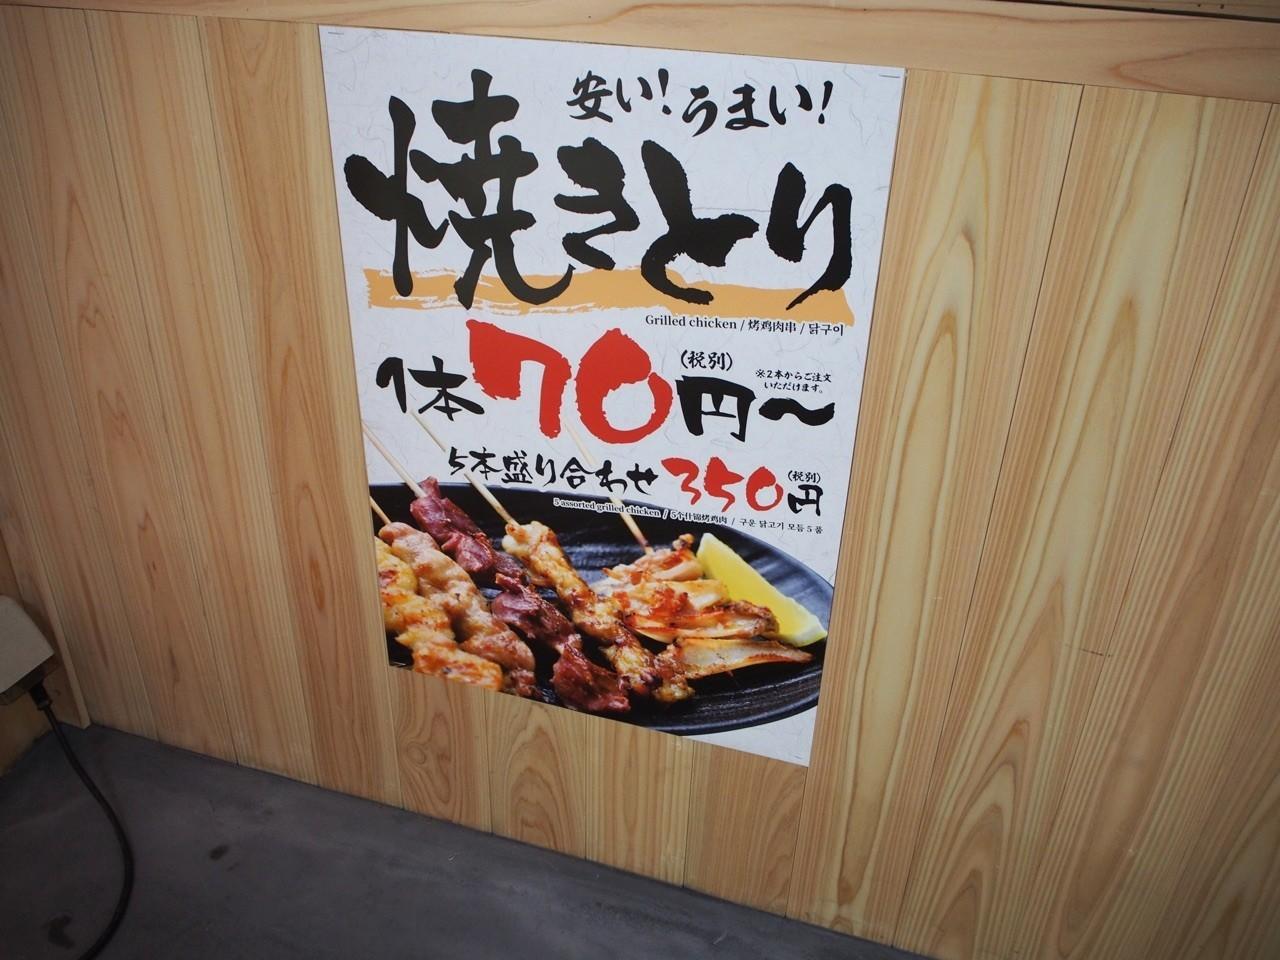 烤雞肉串70日圓起